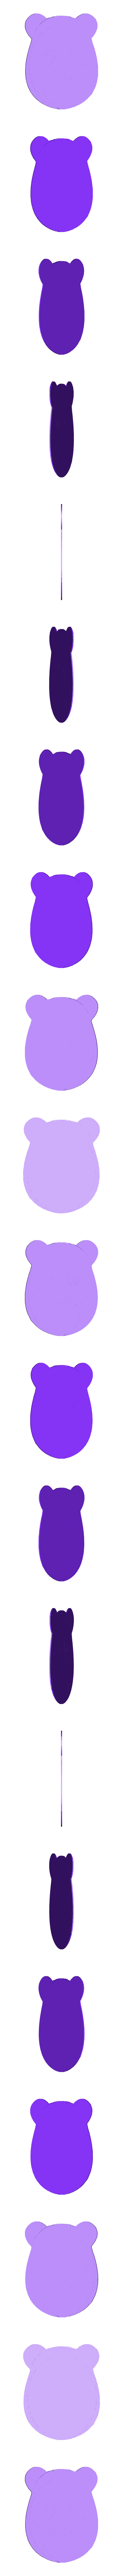 PANDA COEUR CORPS.stl Download STL file panda hearts decoration • 3D printer template, catf3d